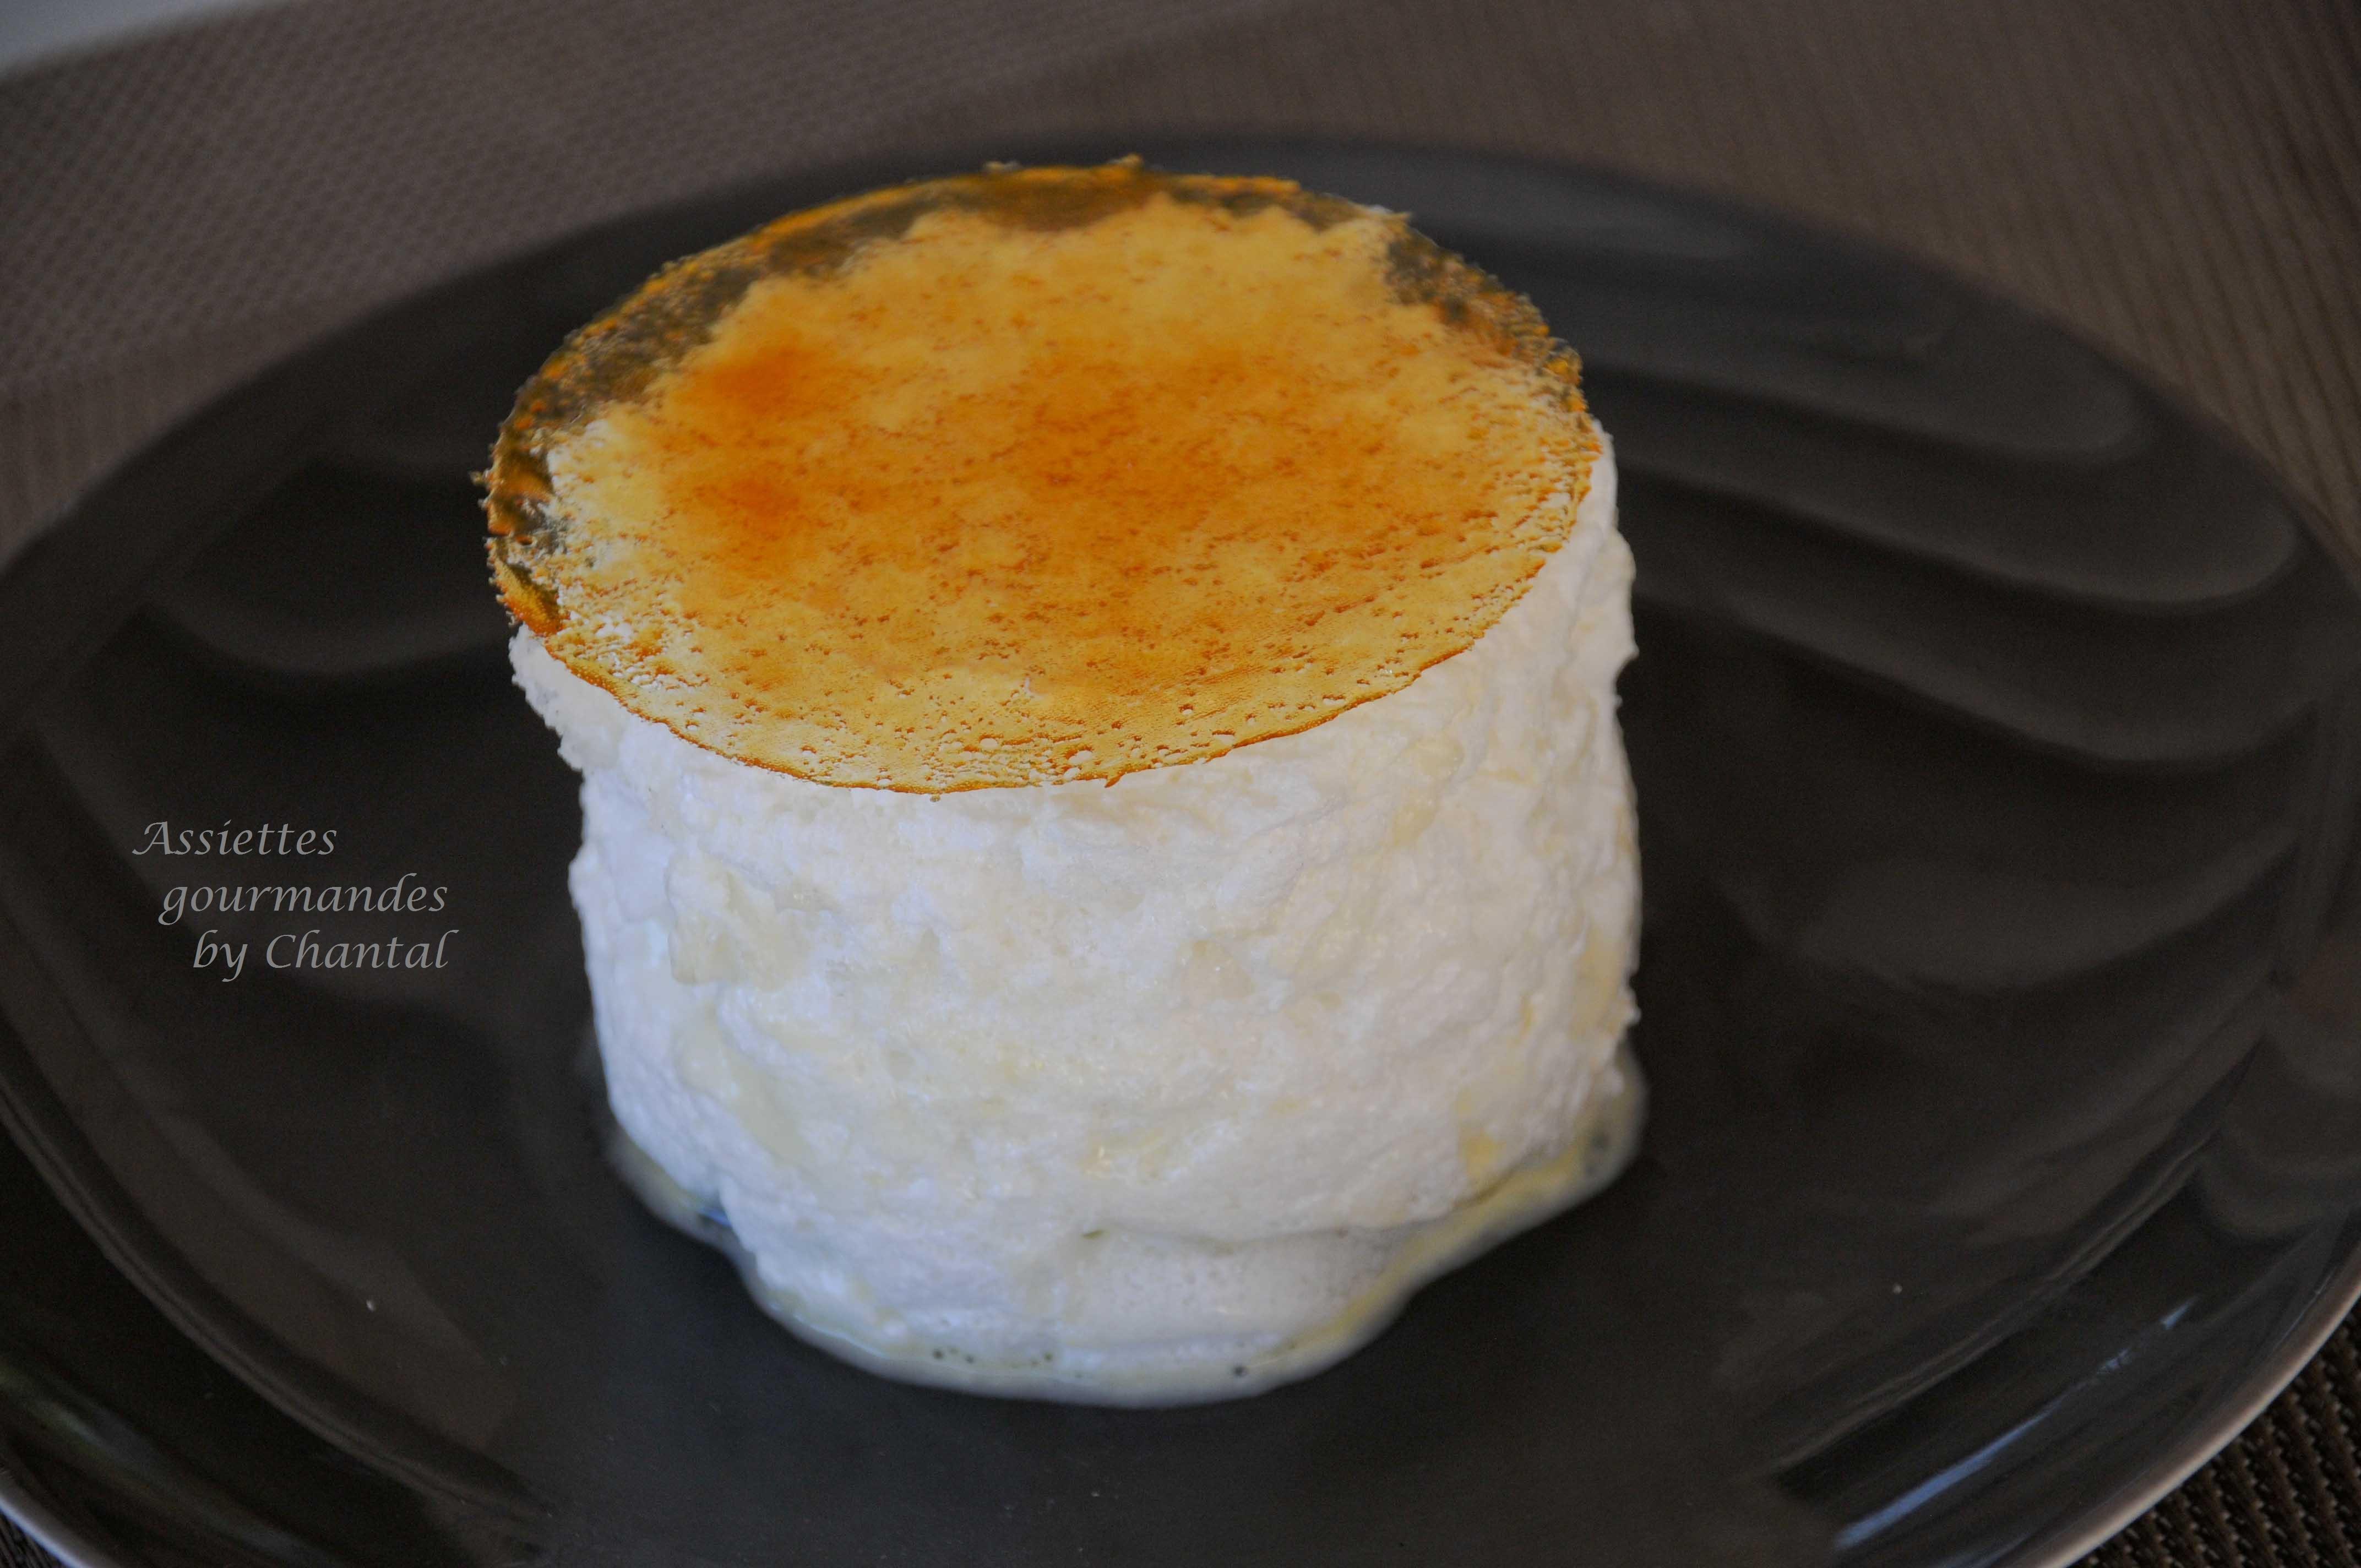 Blanc manger de Jean-François Piège - Iles flottantes